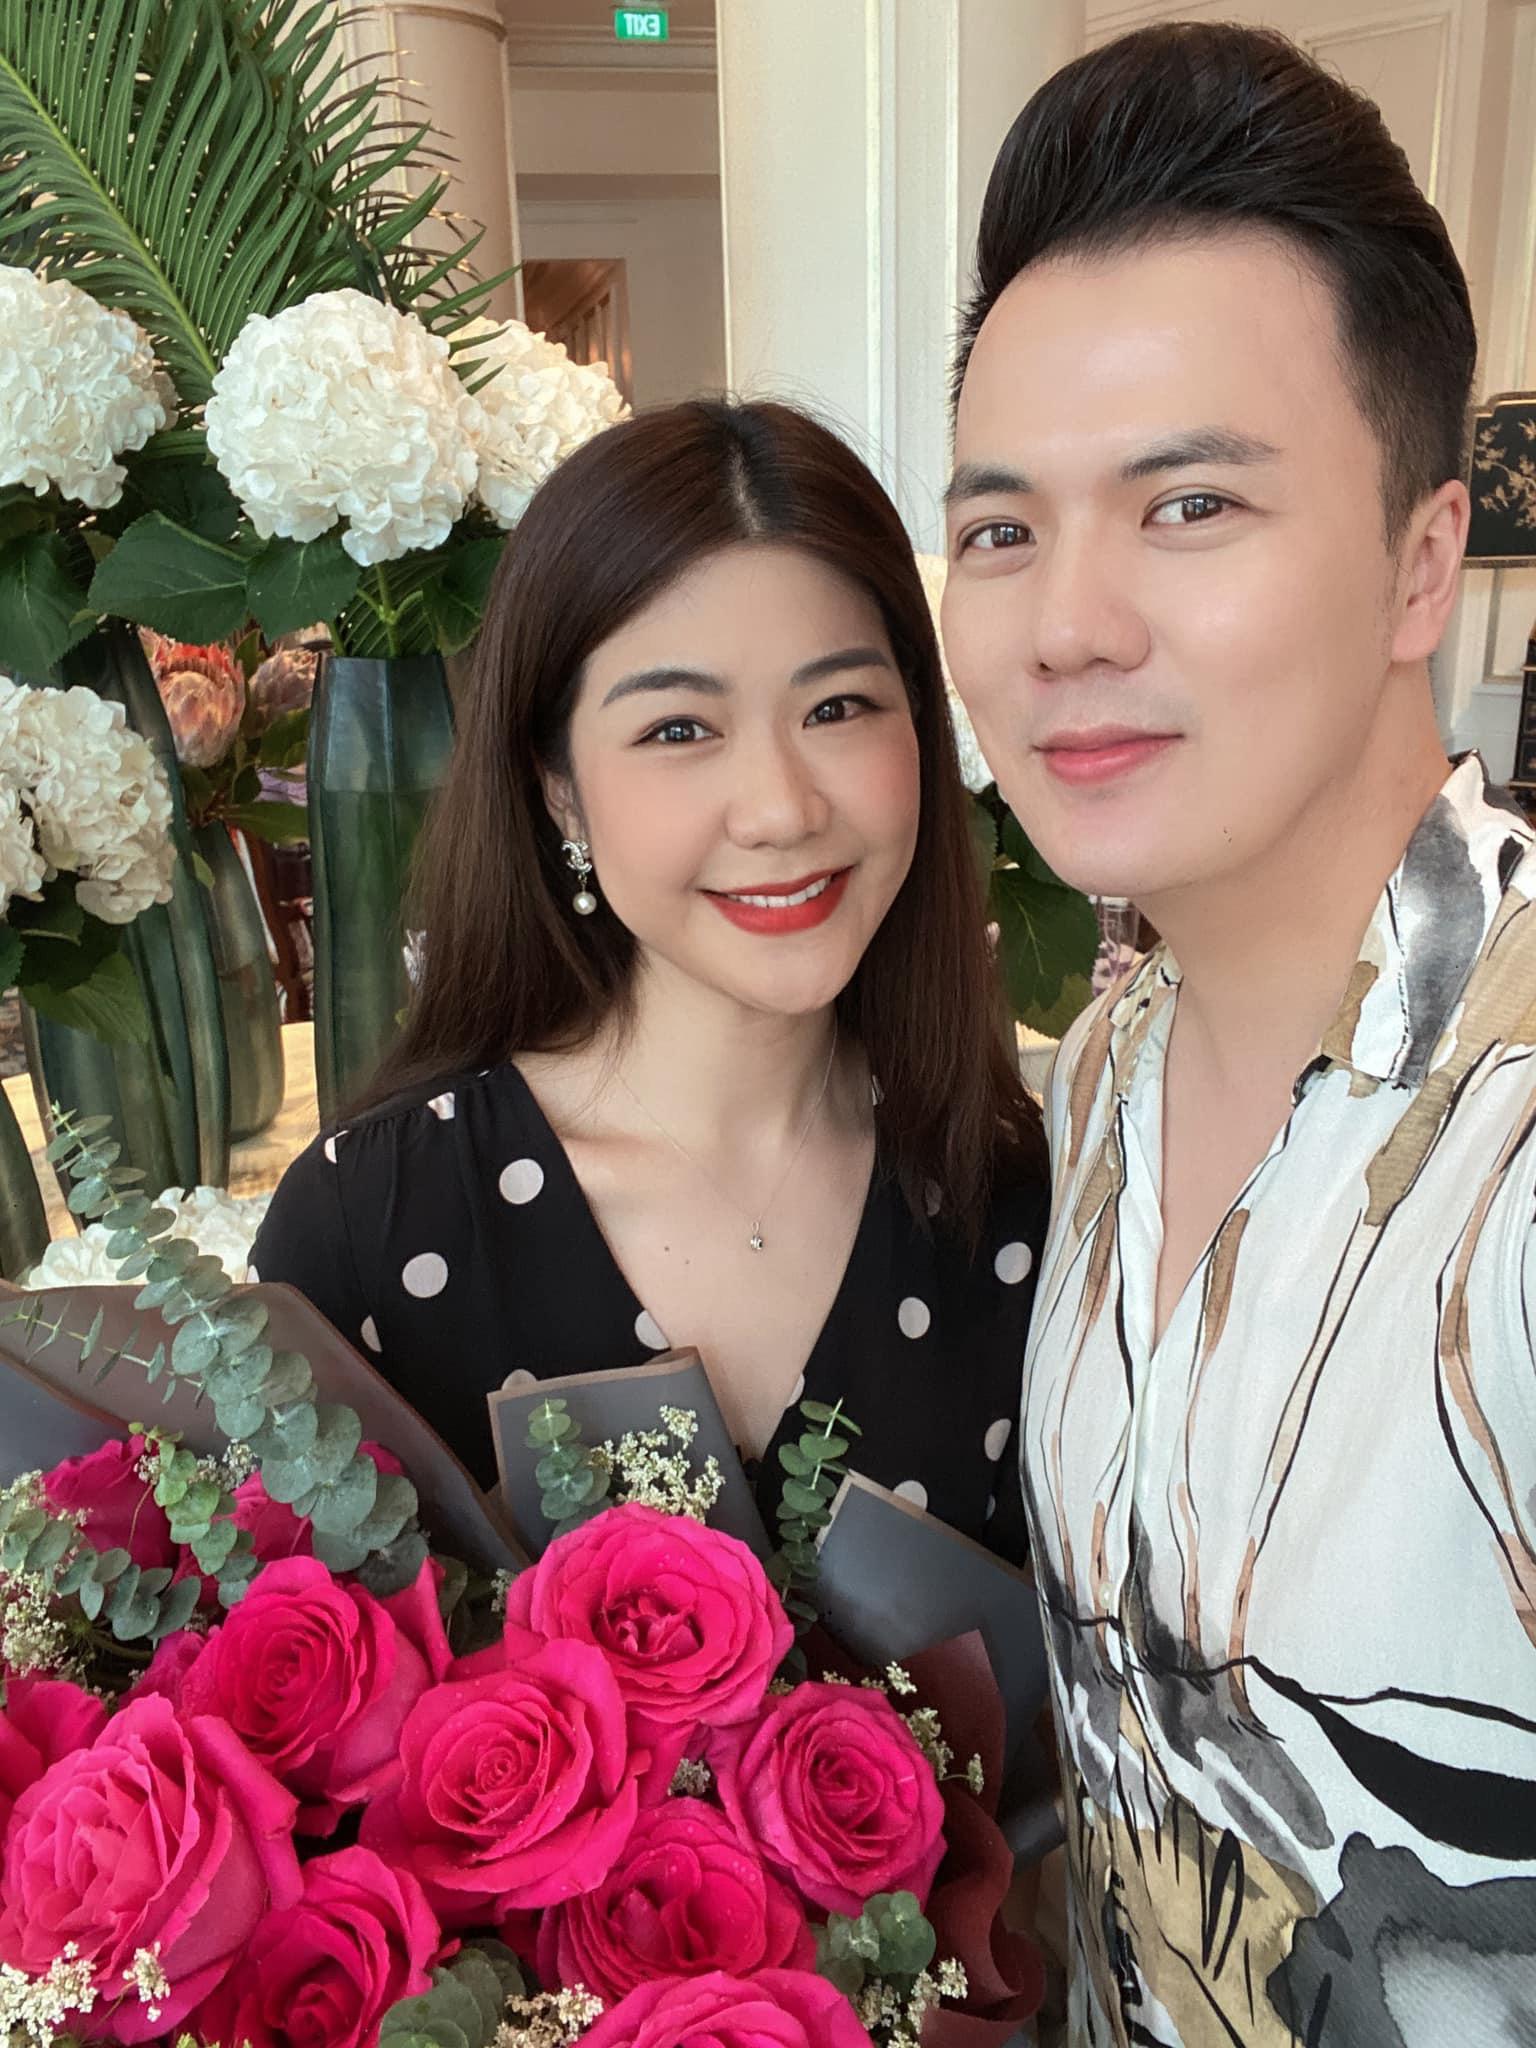 Nữ cơ trưởng Huỳnh Lý Đông Phương đón tuổi 33 giản dị bên bạn bè người thân, nhan sắc ăn gian tuổi khiến chị em ghen tị vô cùng-3